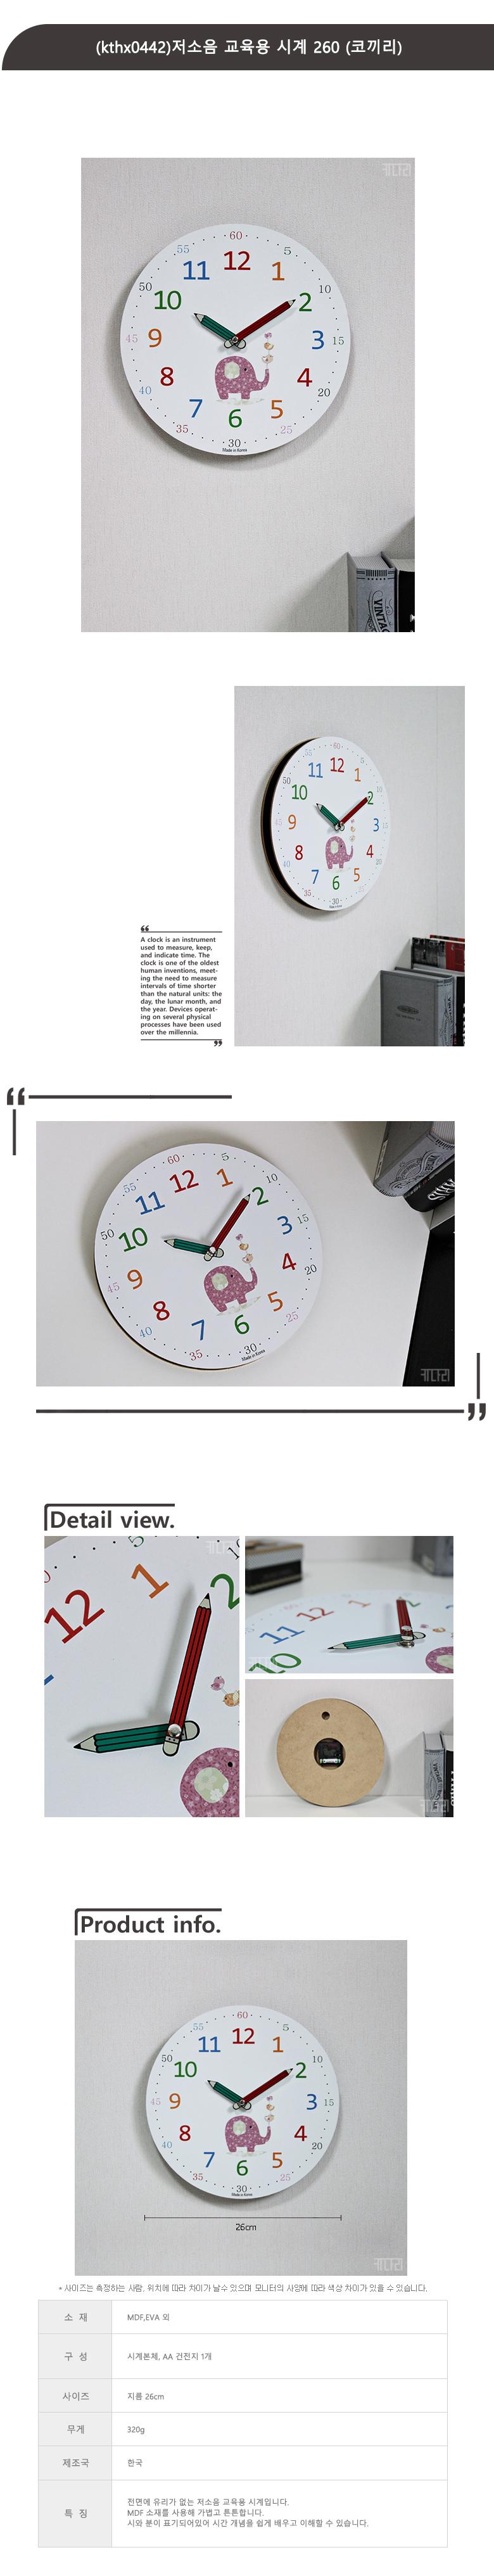 (kthx0442)저소음 교육용 시계 260 (코끼리) - 키다리, 14,000원, 벽시계, 우드벽시계